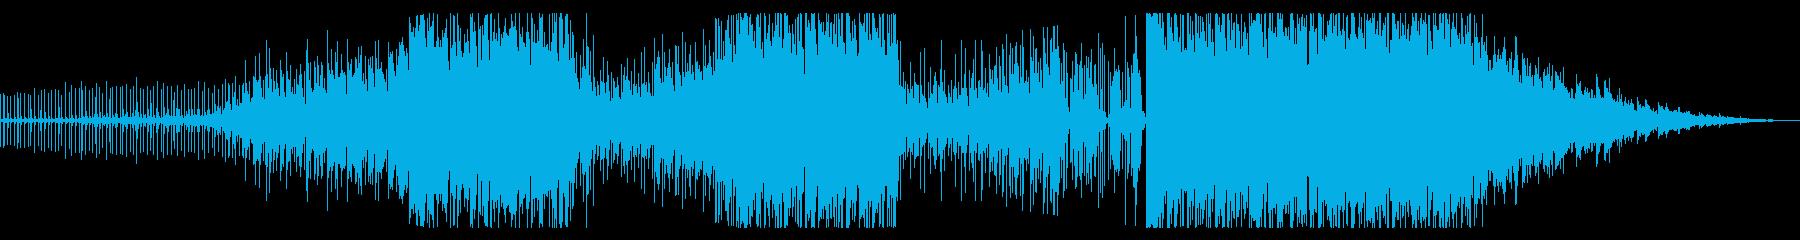 トロピカルで感傷的な癒しのBGM音楽の再生済みの波形